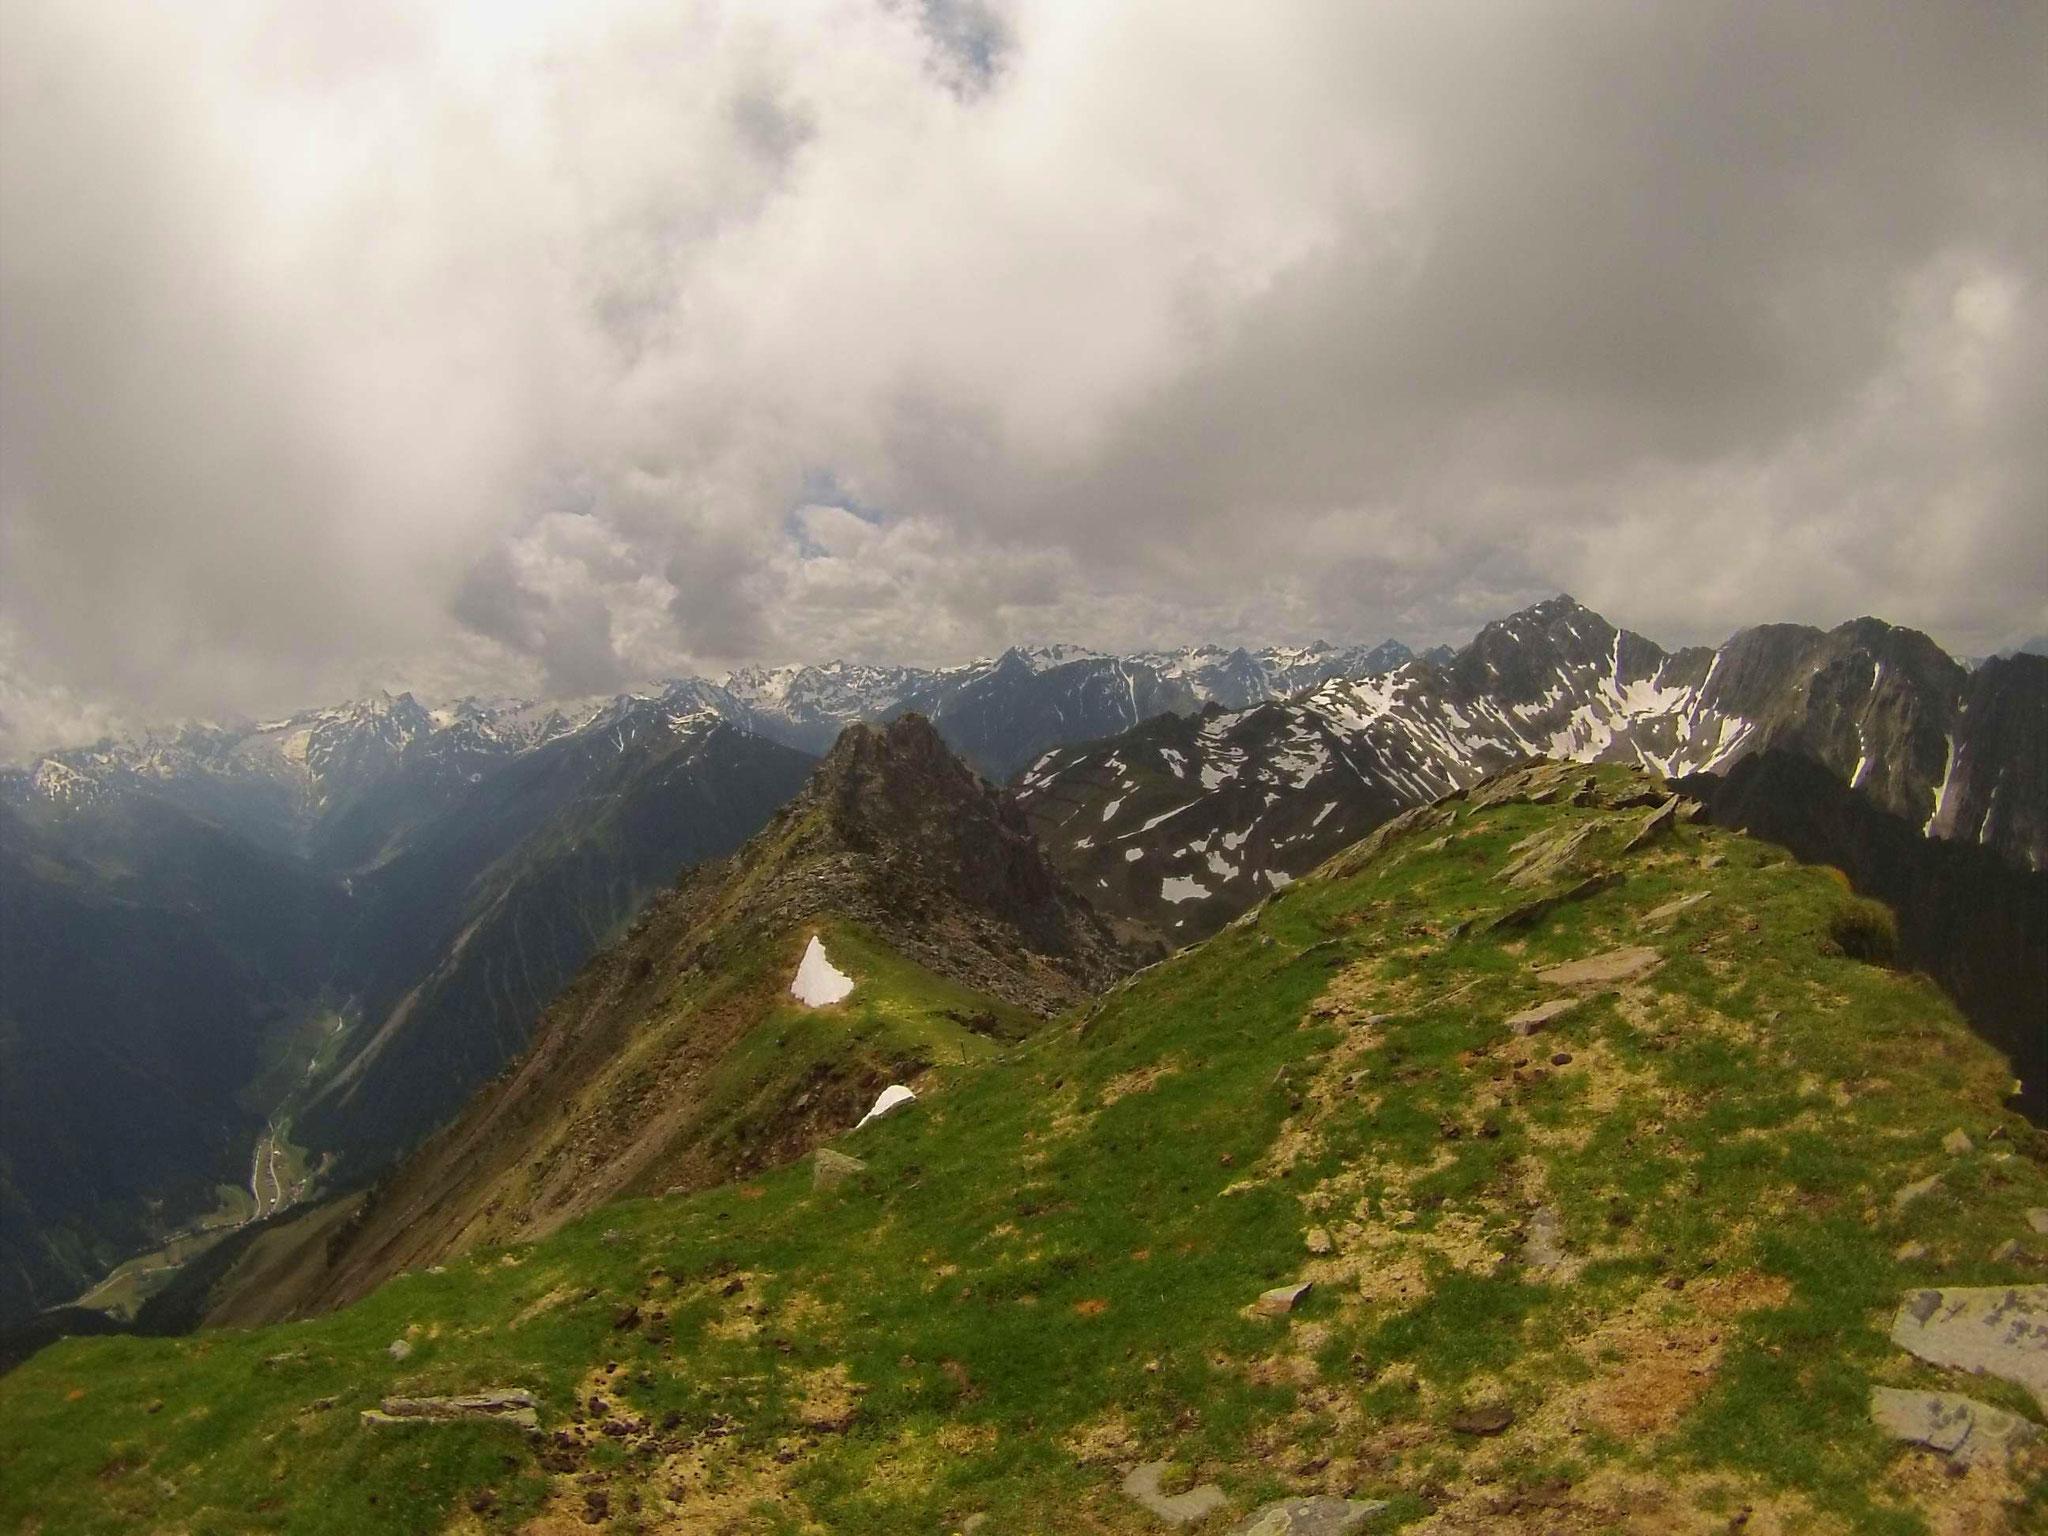 Bereits am Gipfel des Rosskogel - beim Umdrehen zeigt sich noch einmal der schöne Weg.